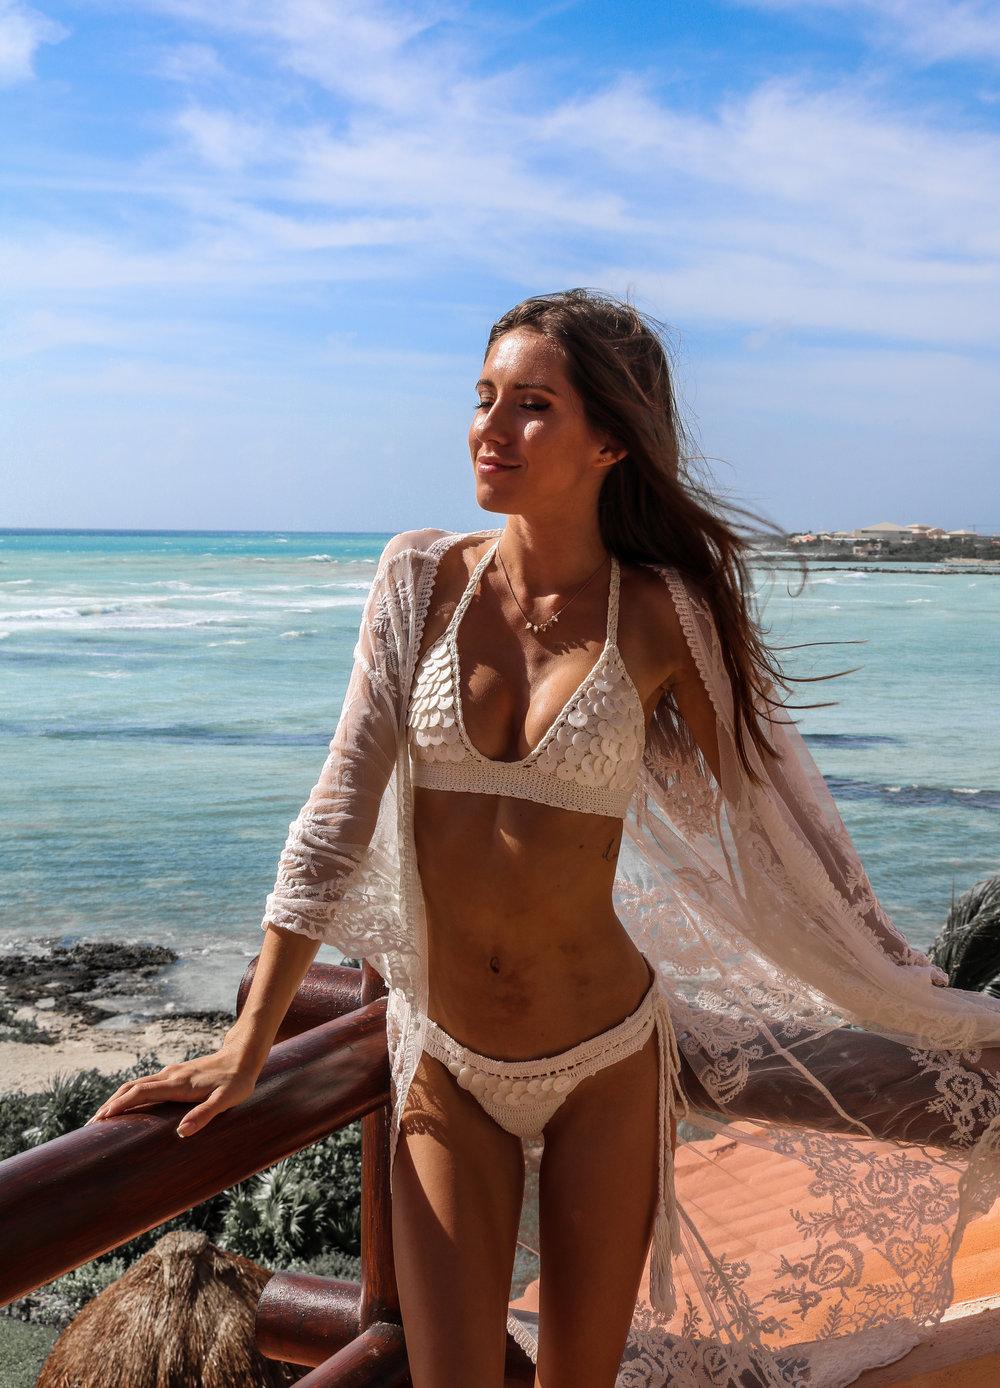 Teen bikini skinny Bikini for